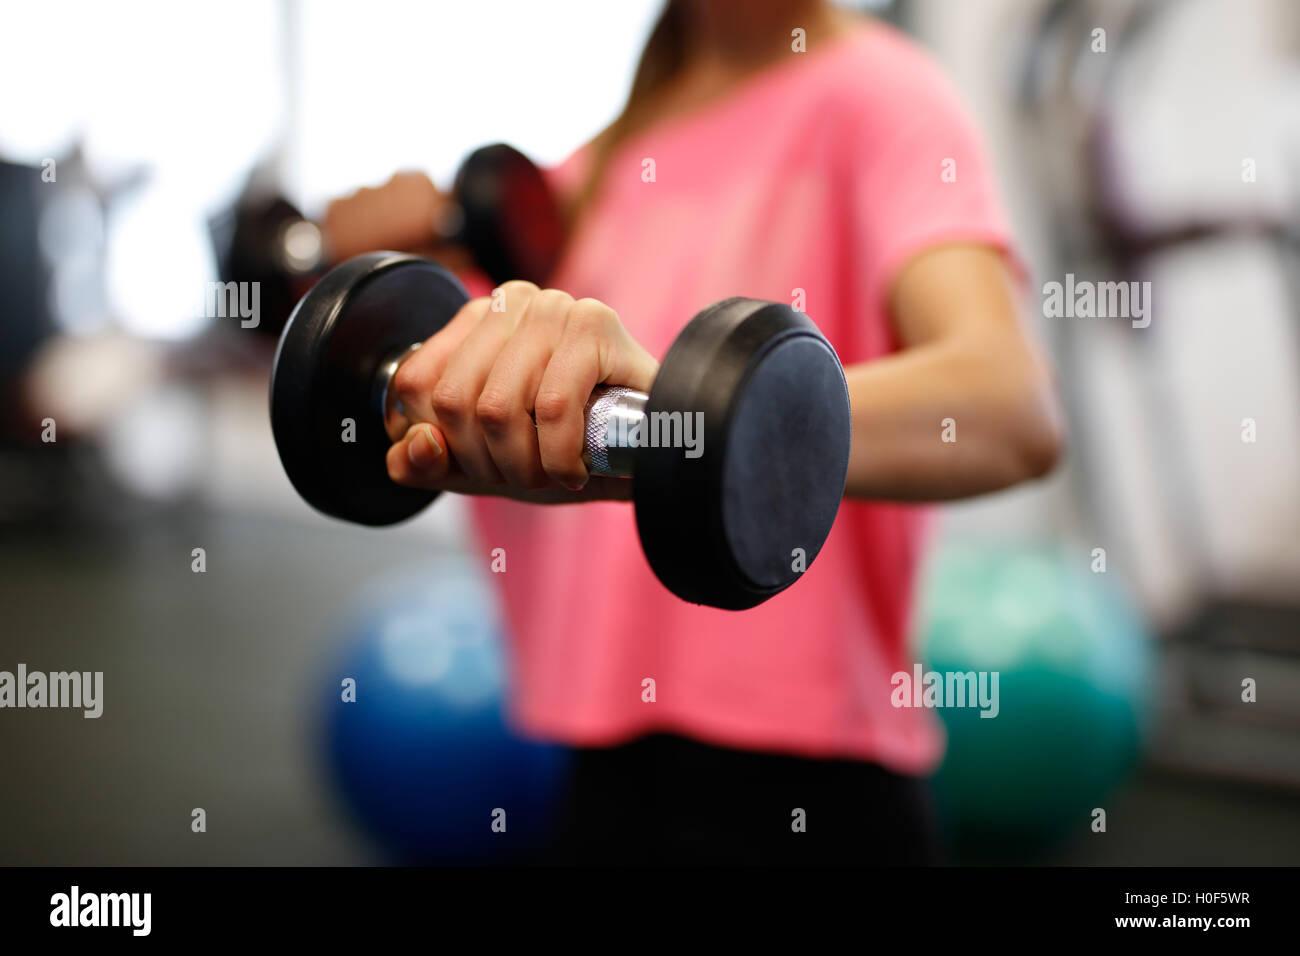 La mujer en el deporte gimnasio fitness entrenamiento con pesas para la belleza del cuerpo. Las niñas de gimnasia Imagen De Stock